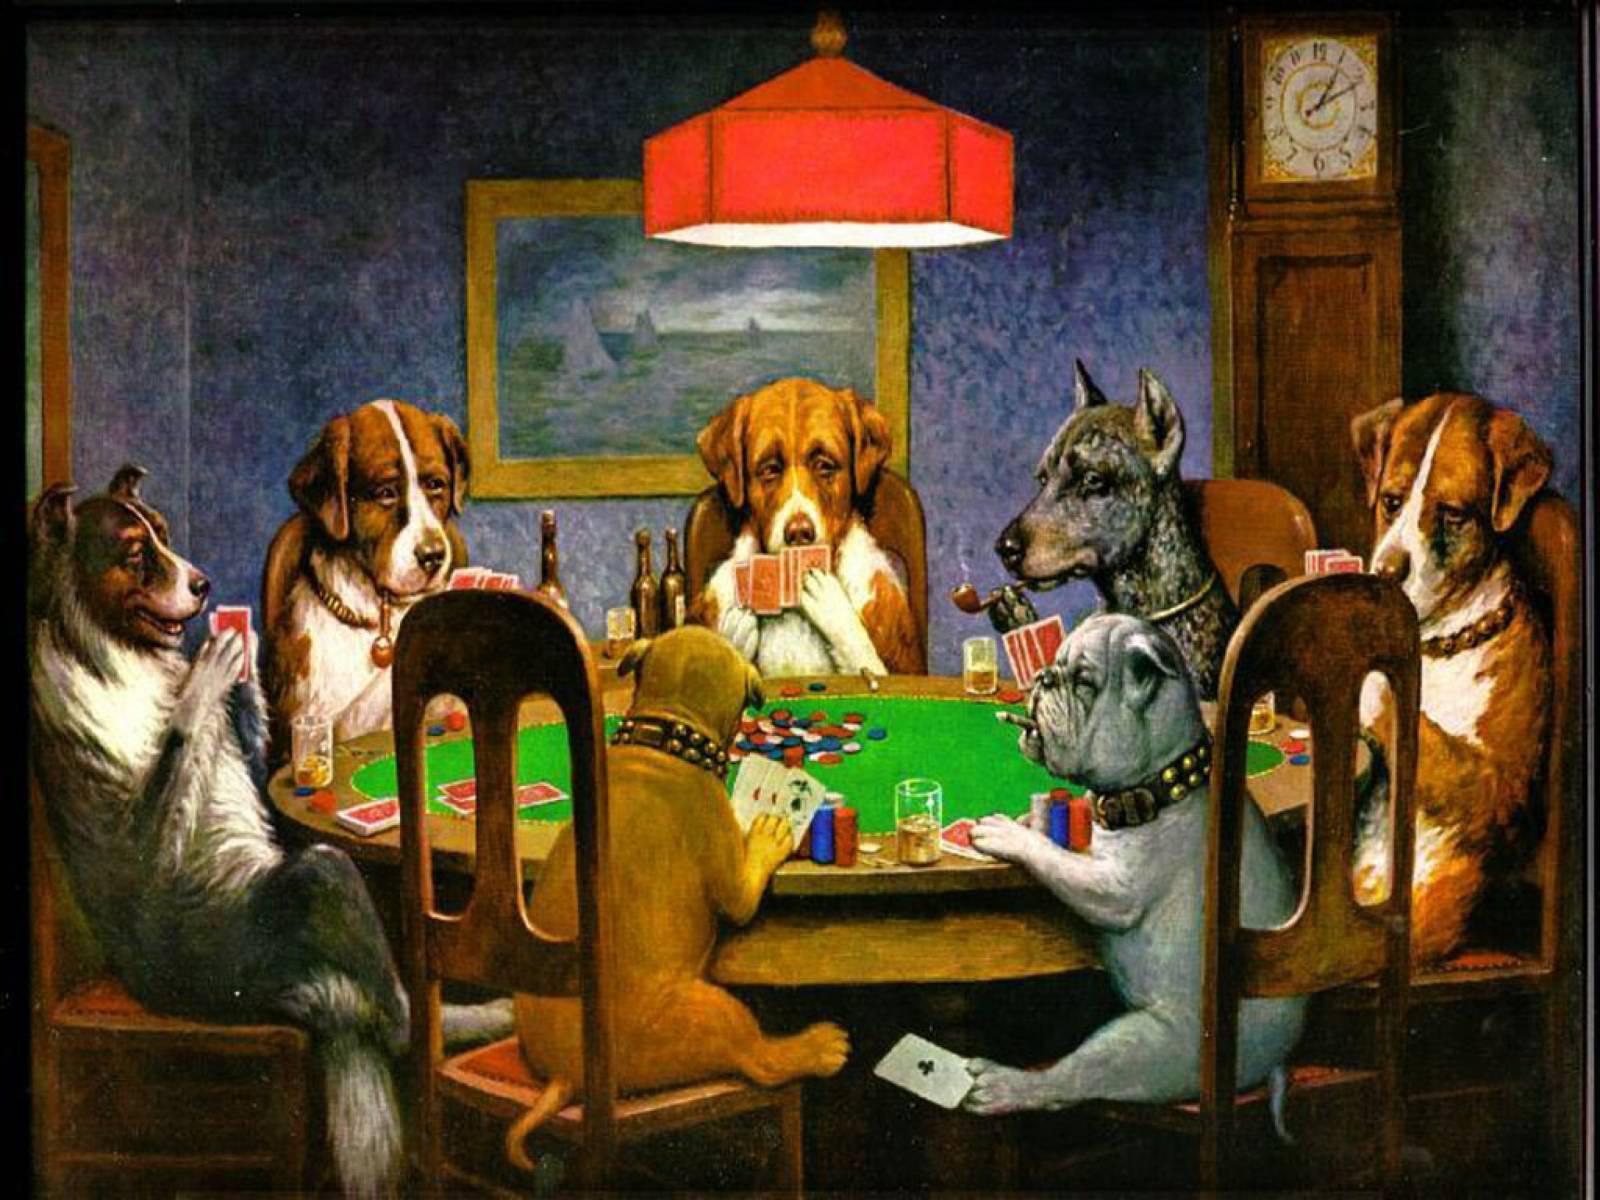 Honden spelen poker cheat dier humor fun moderne decor art ...